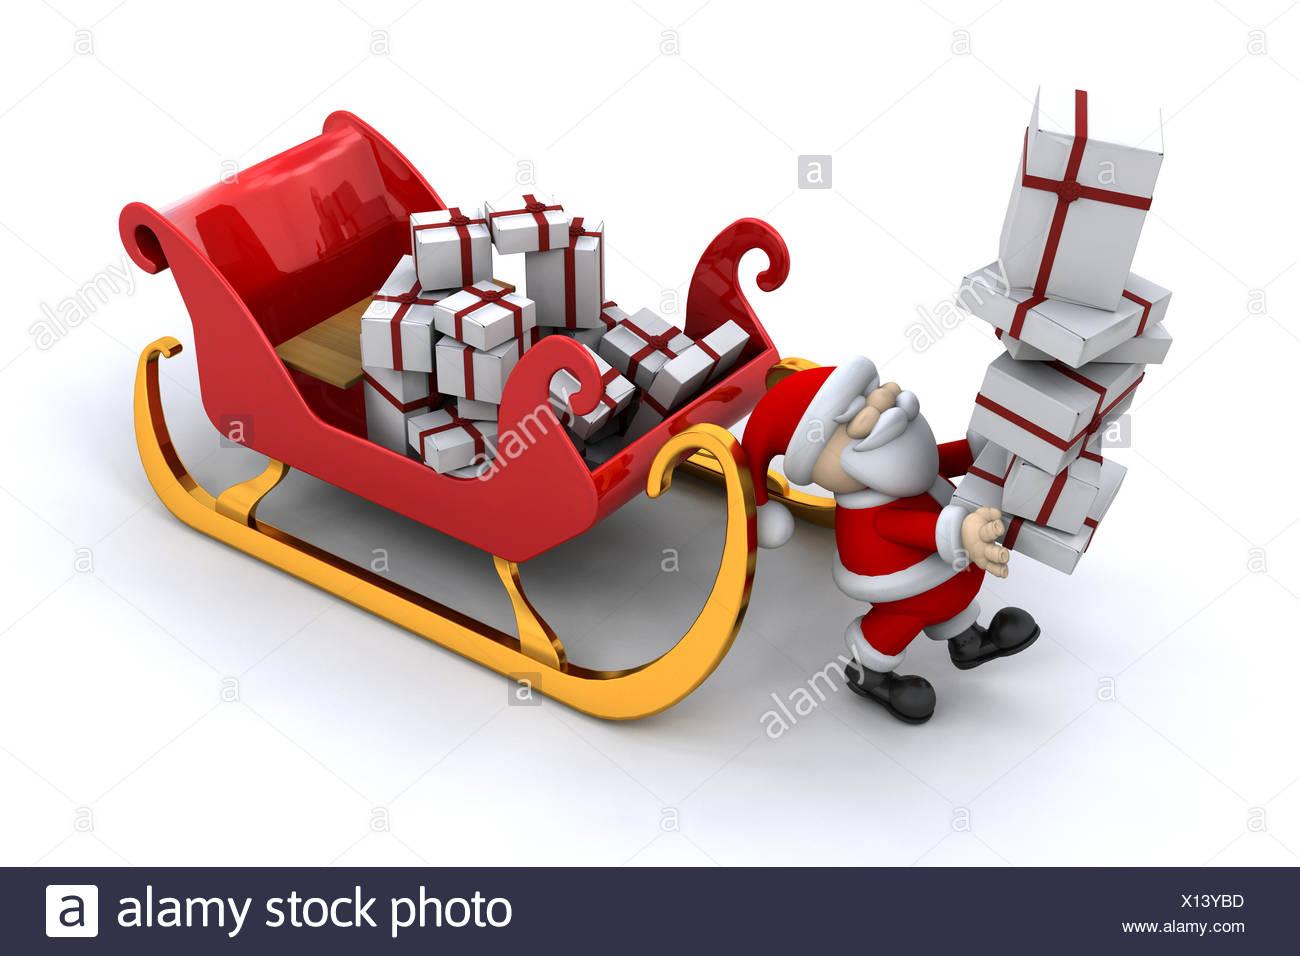 father christmas gift christmas presents sleigh render xmas x-mas ...